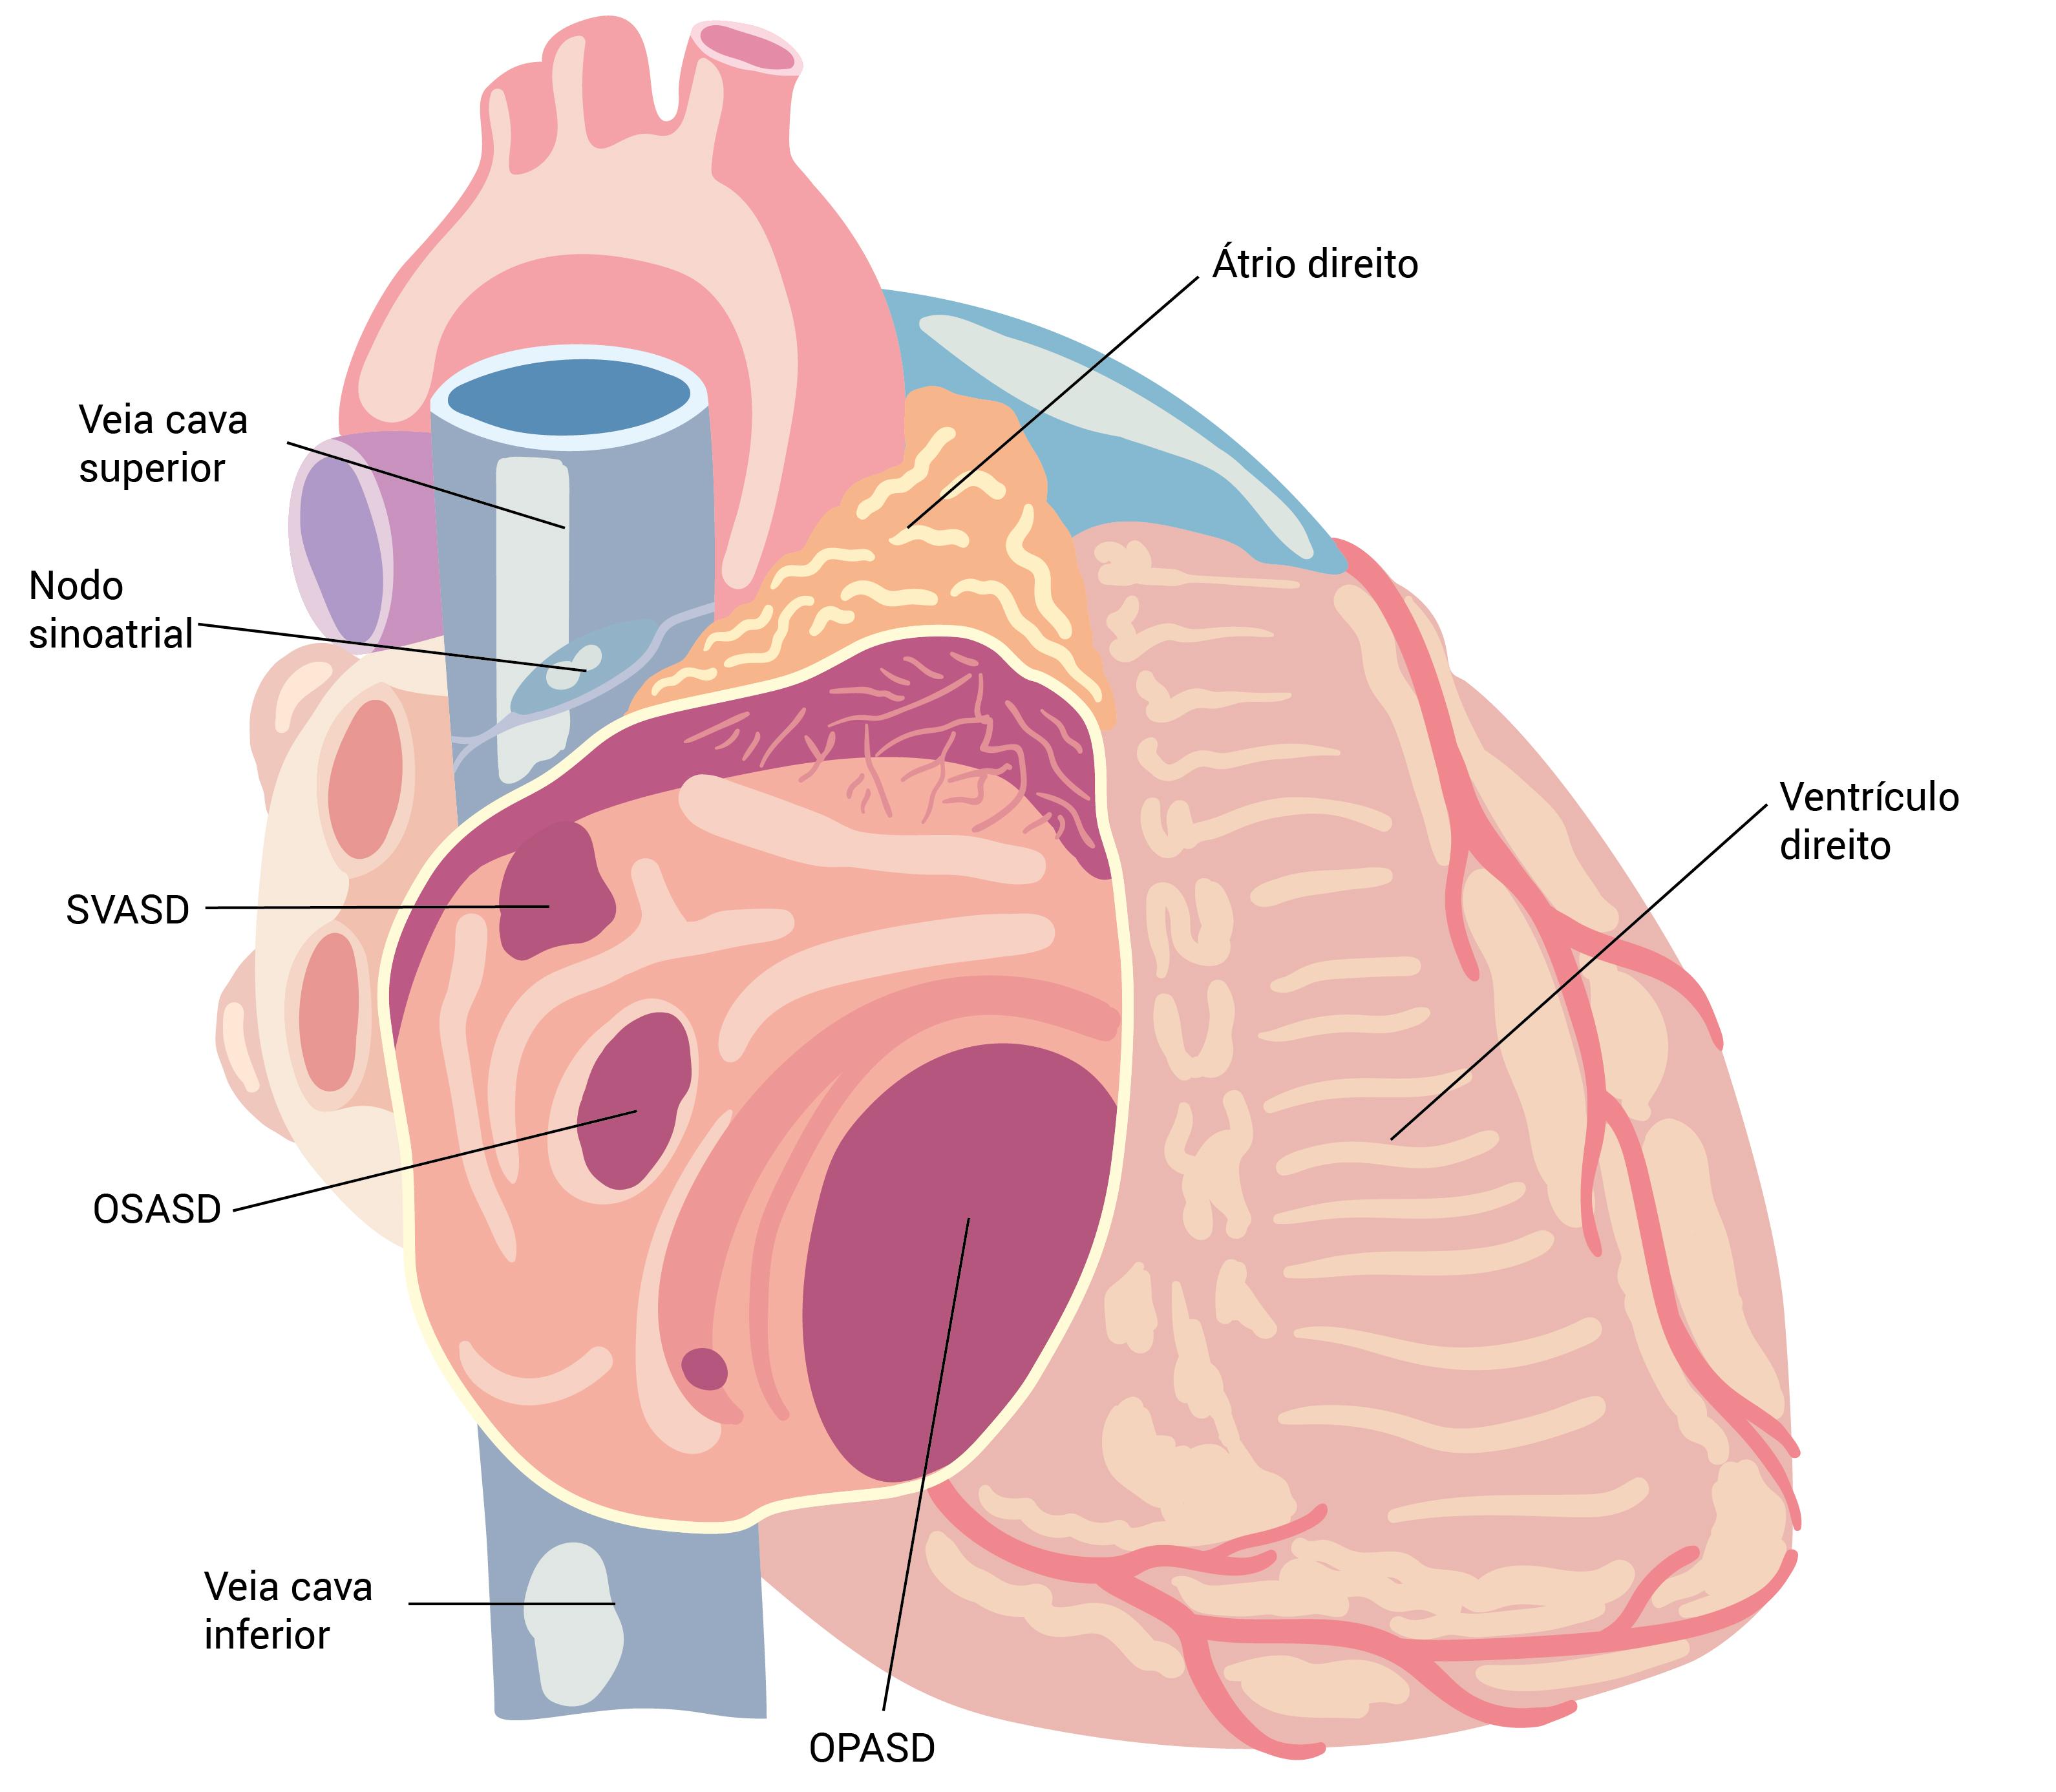 Doença Cardíaca Congênita Em Adultos Medicinanet